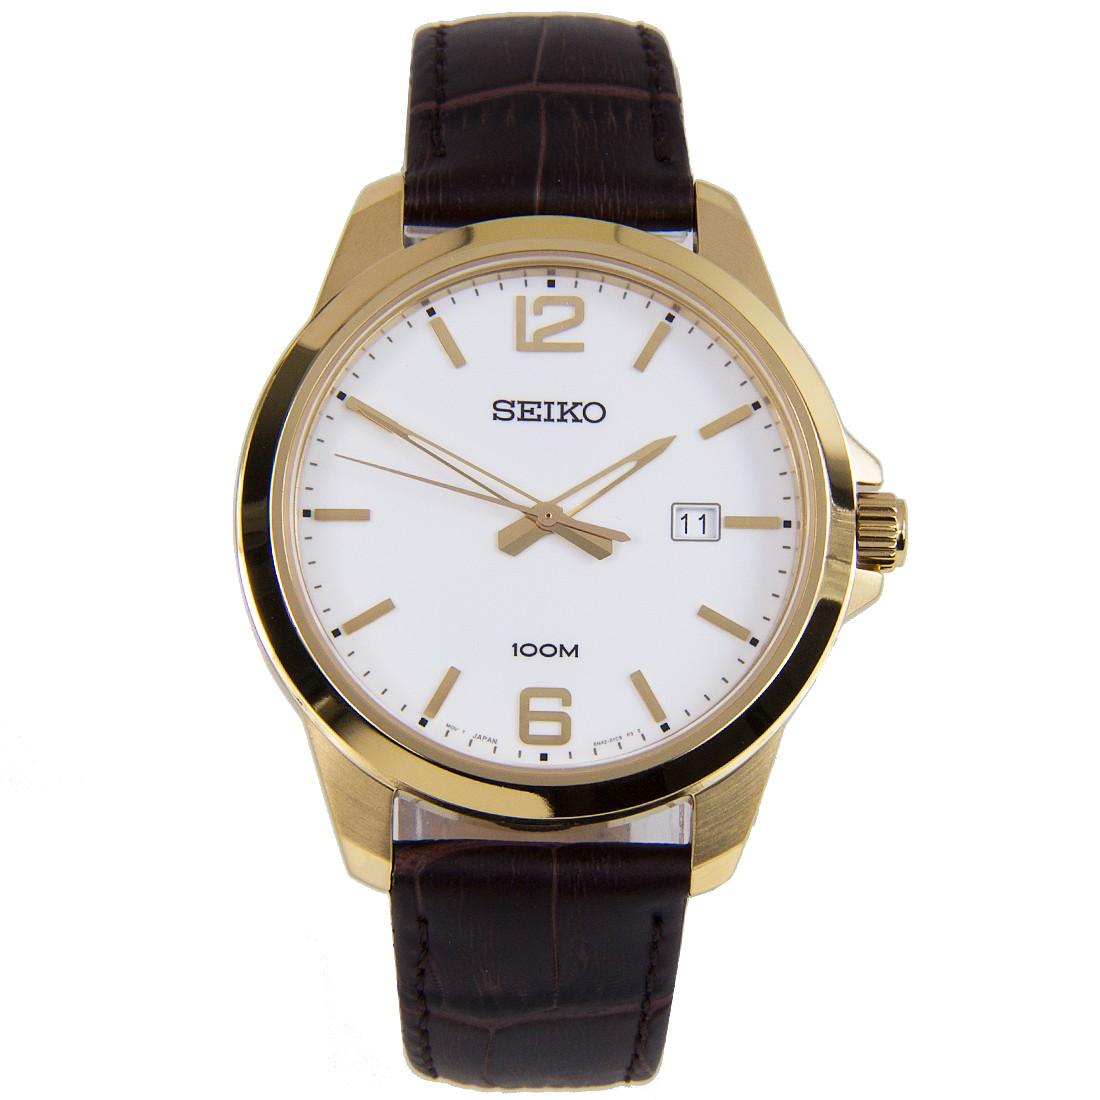 Seiko นาฬิกาข้อมือ สายหนังแท้รุ่น SUR252P1